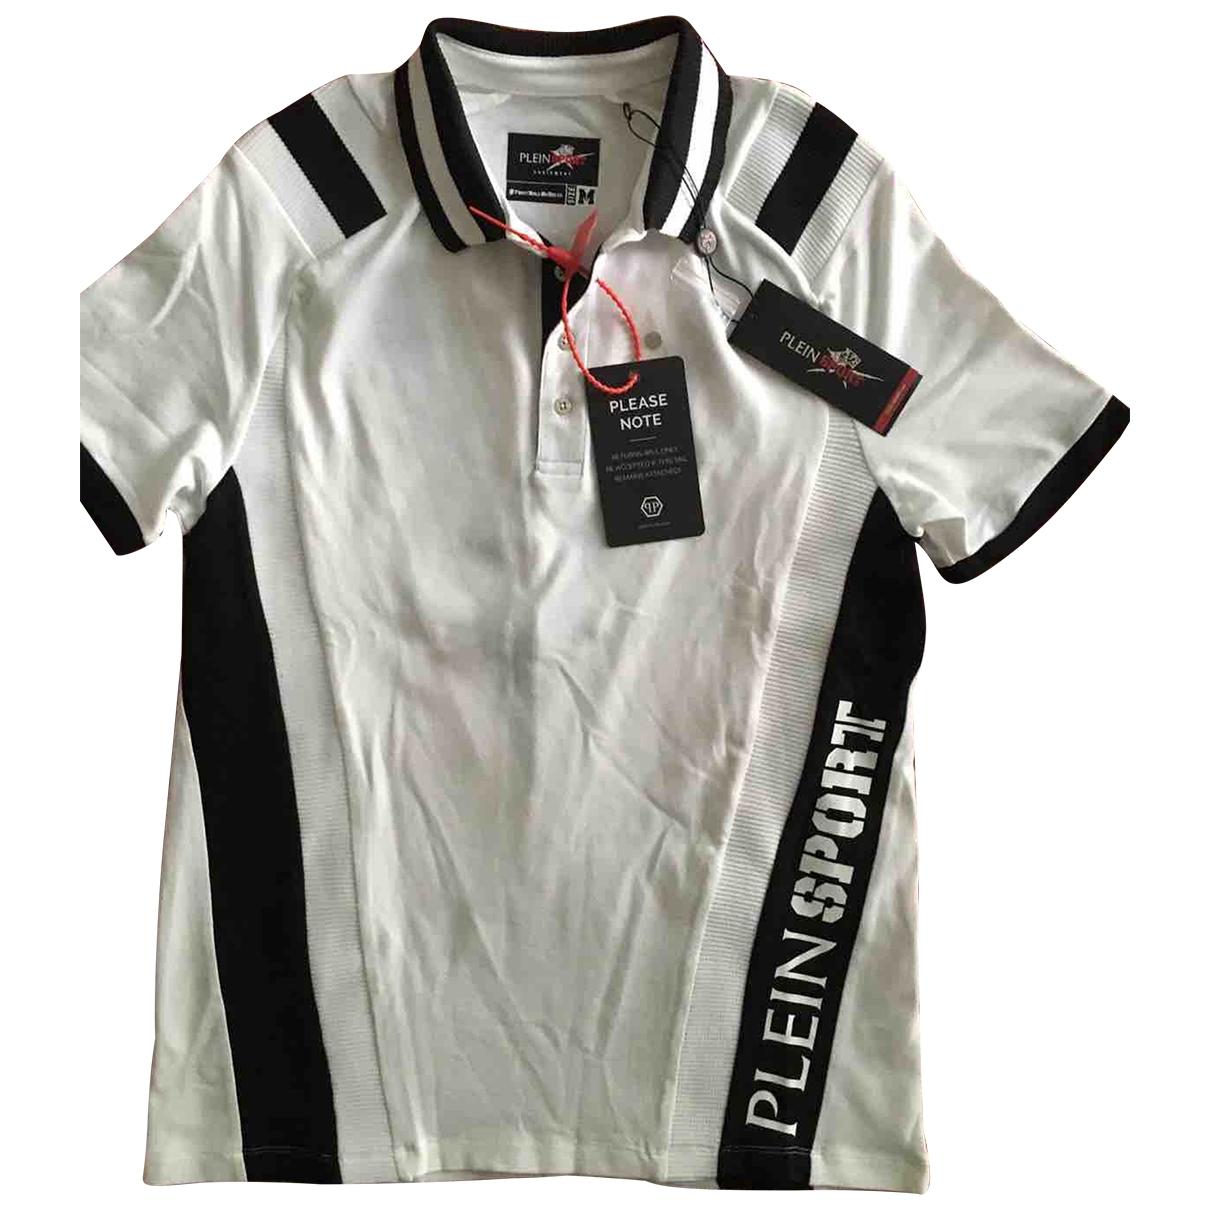 Philipp Plein - Tee shirts   pour homme en coton - multicolore